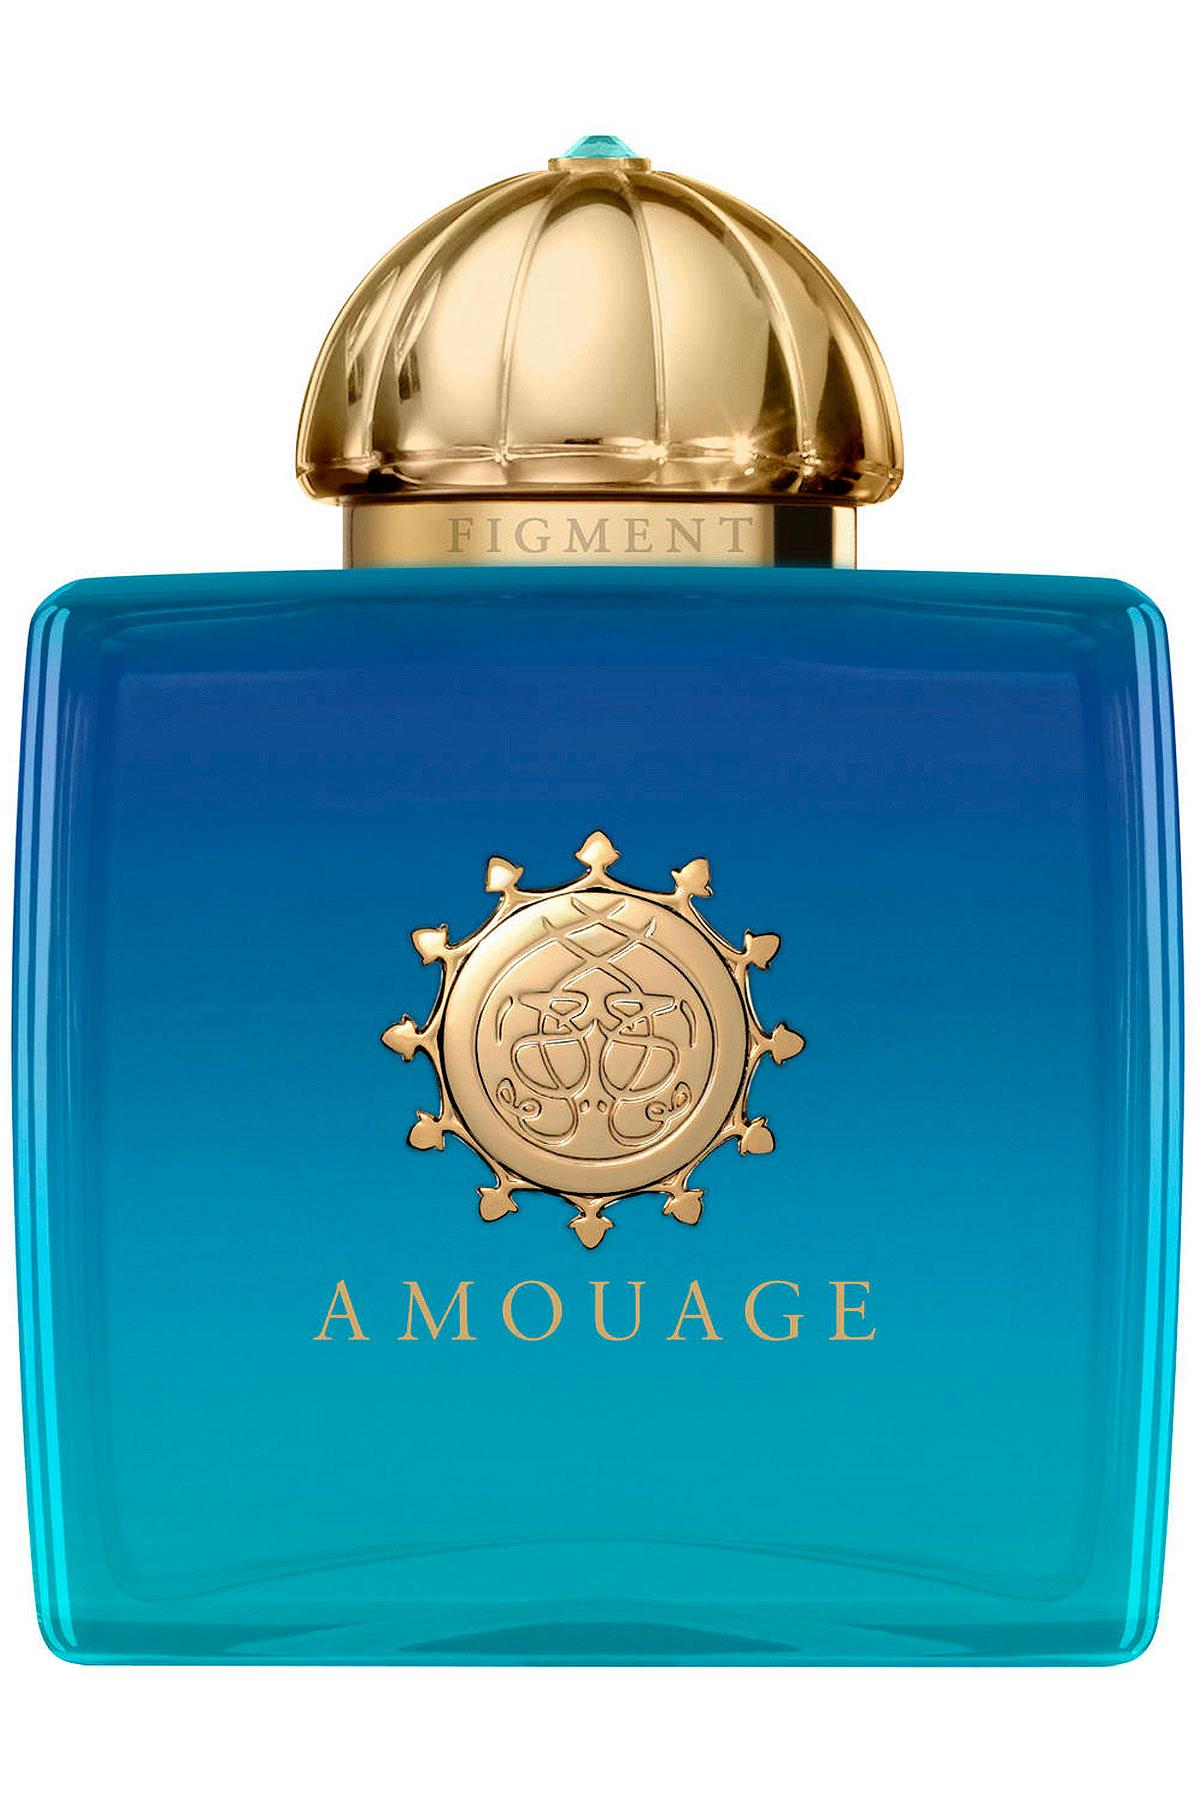 Amouage Fragrances for Women, Figment Woman - Eau De Parfum - 100 Ml, 2019, 100 ml